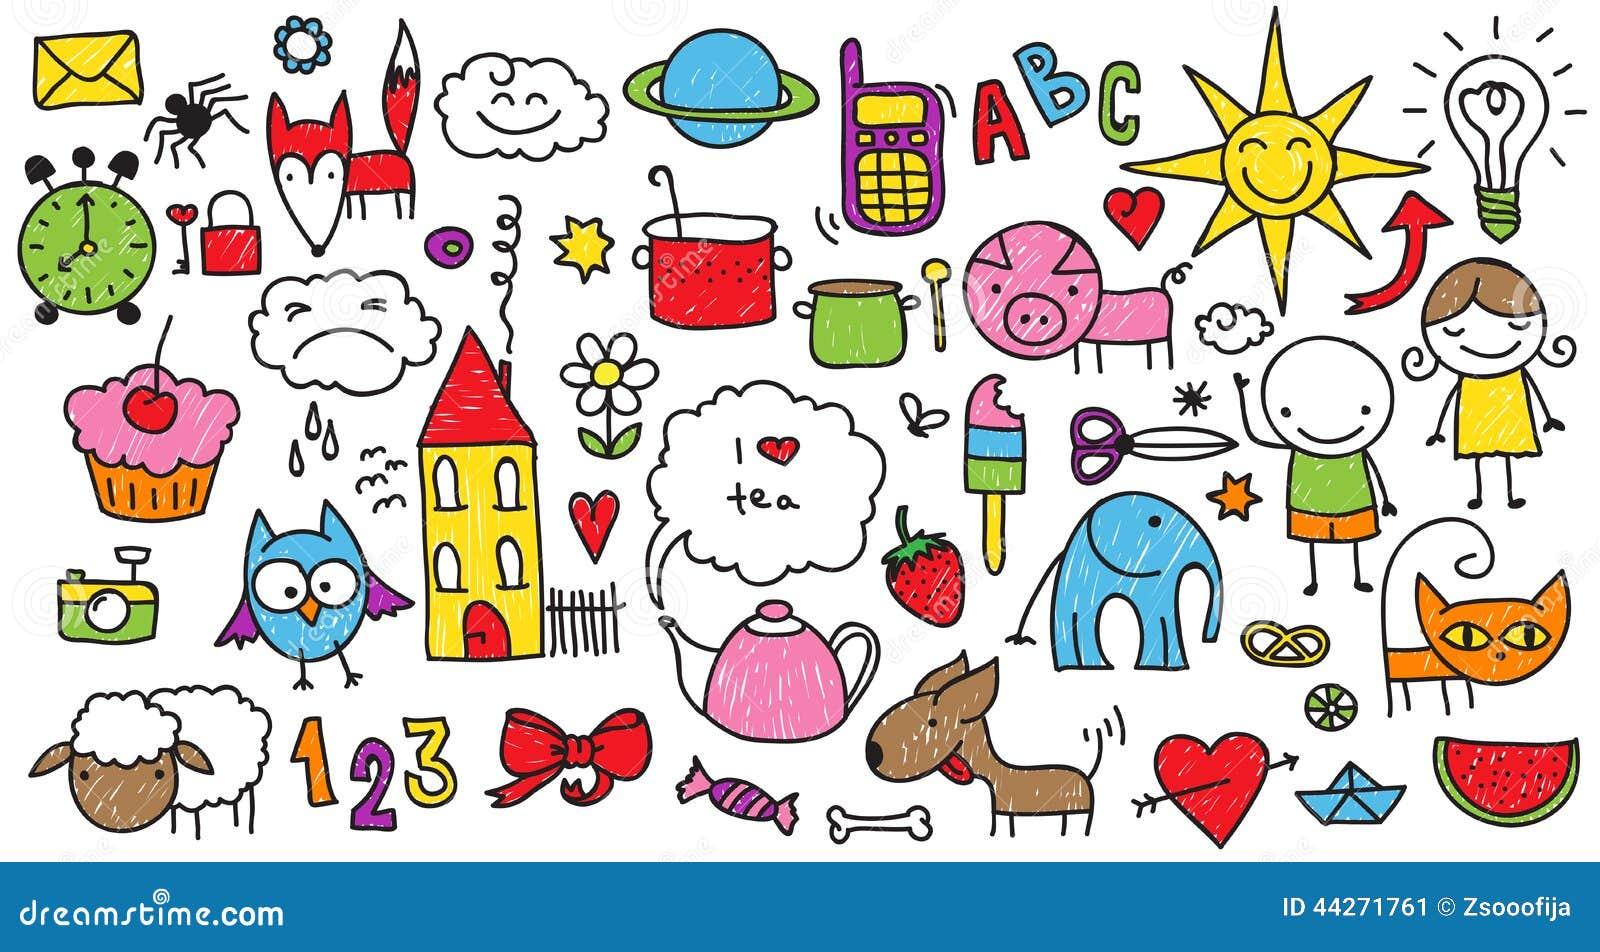 Doodle S: Children's Doodle Stock Vector